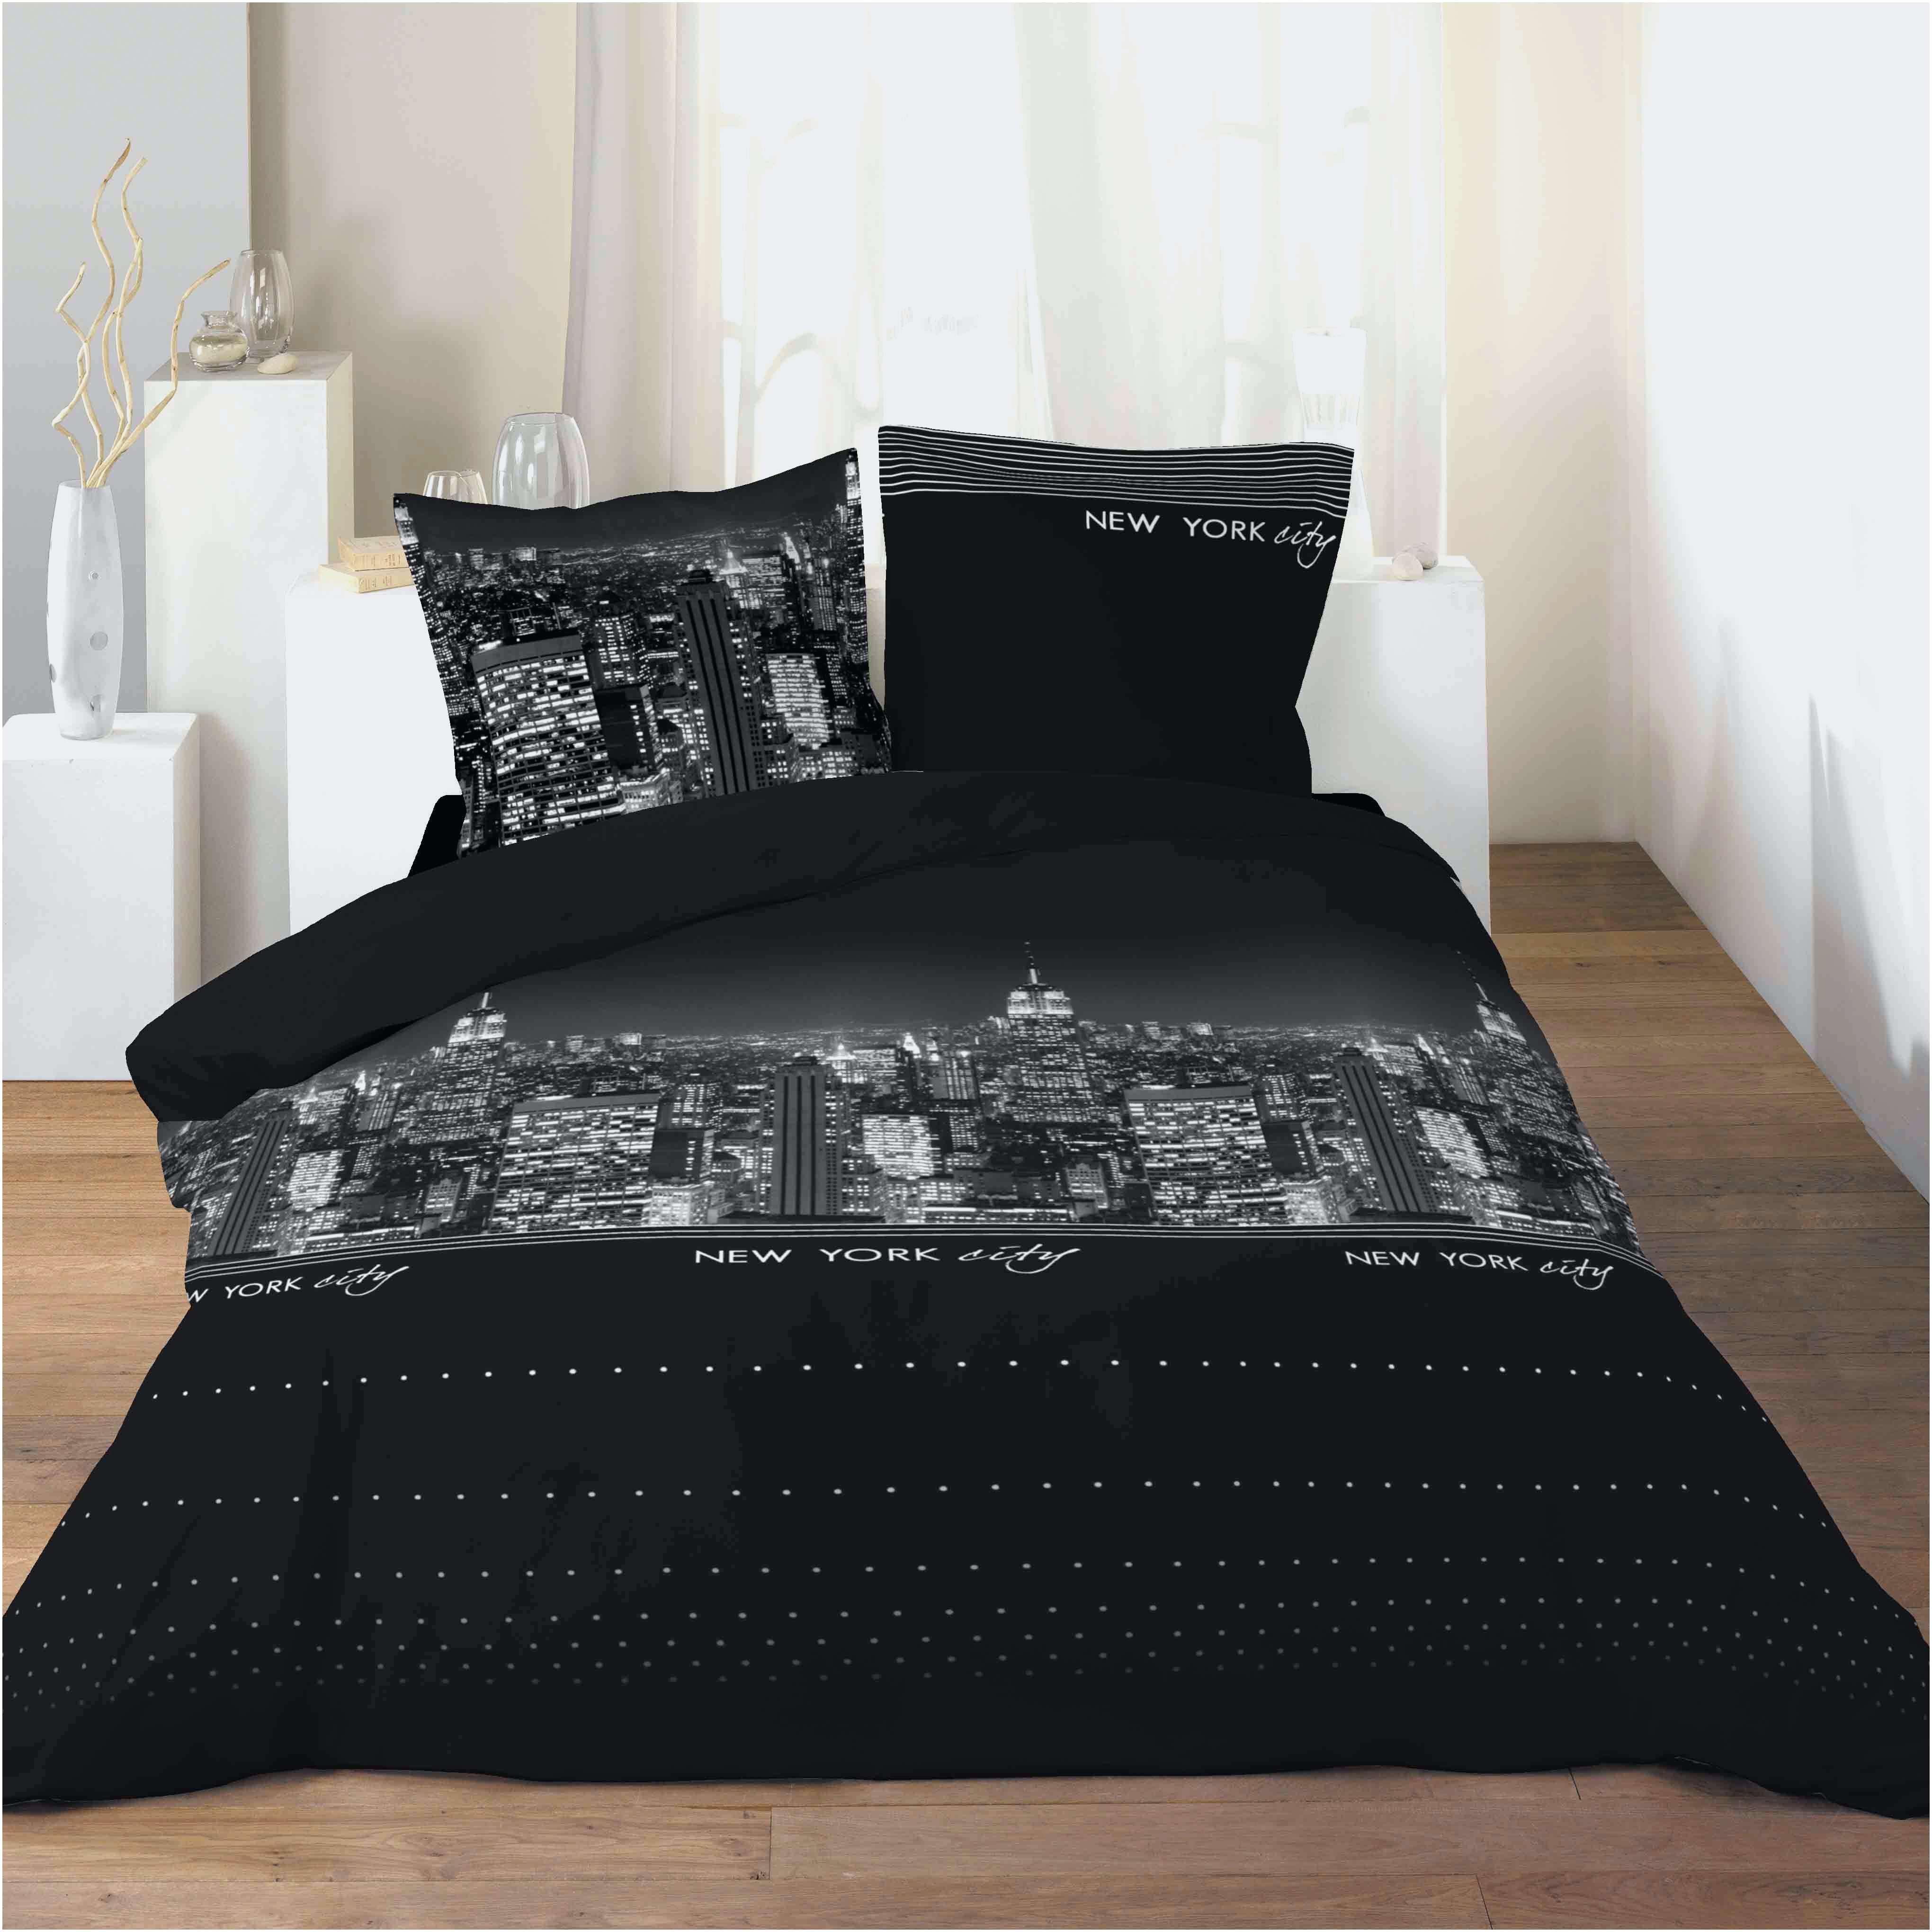 parure de lit ethnique le luxe unique parure de lit en. Black Bedroom Furniture Sets. Home Design Ideas